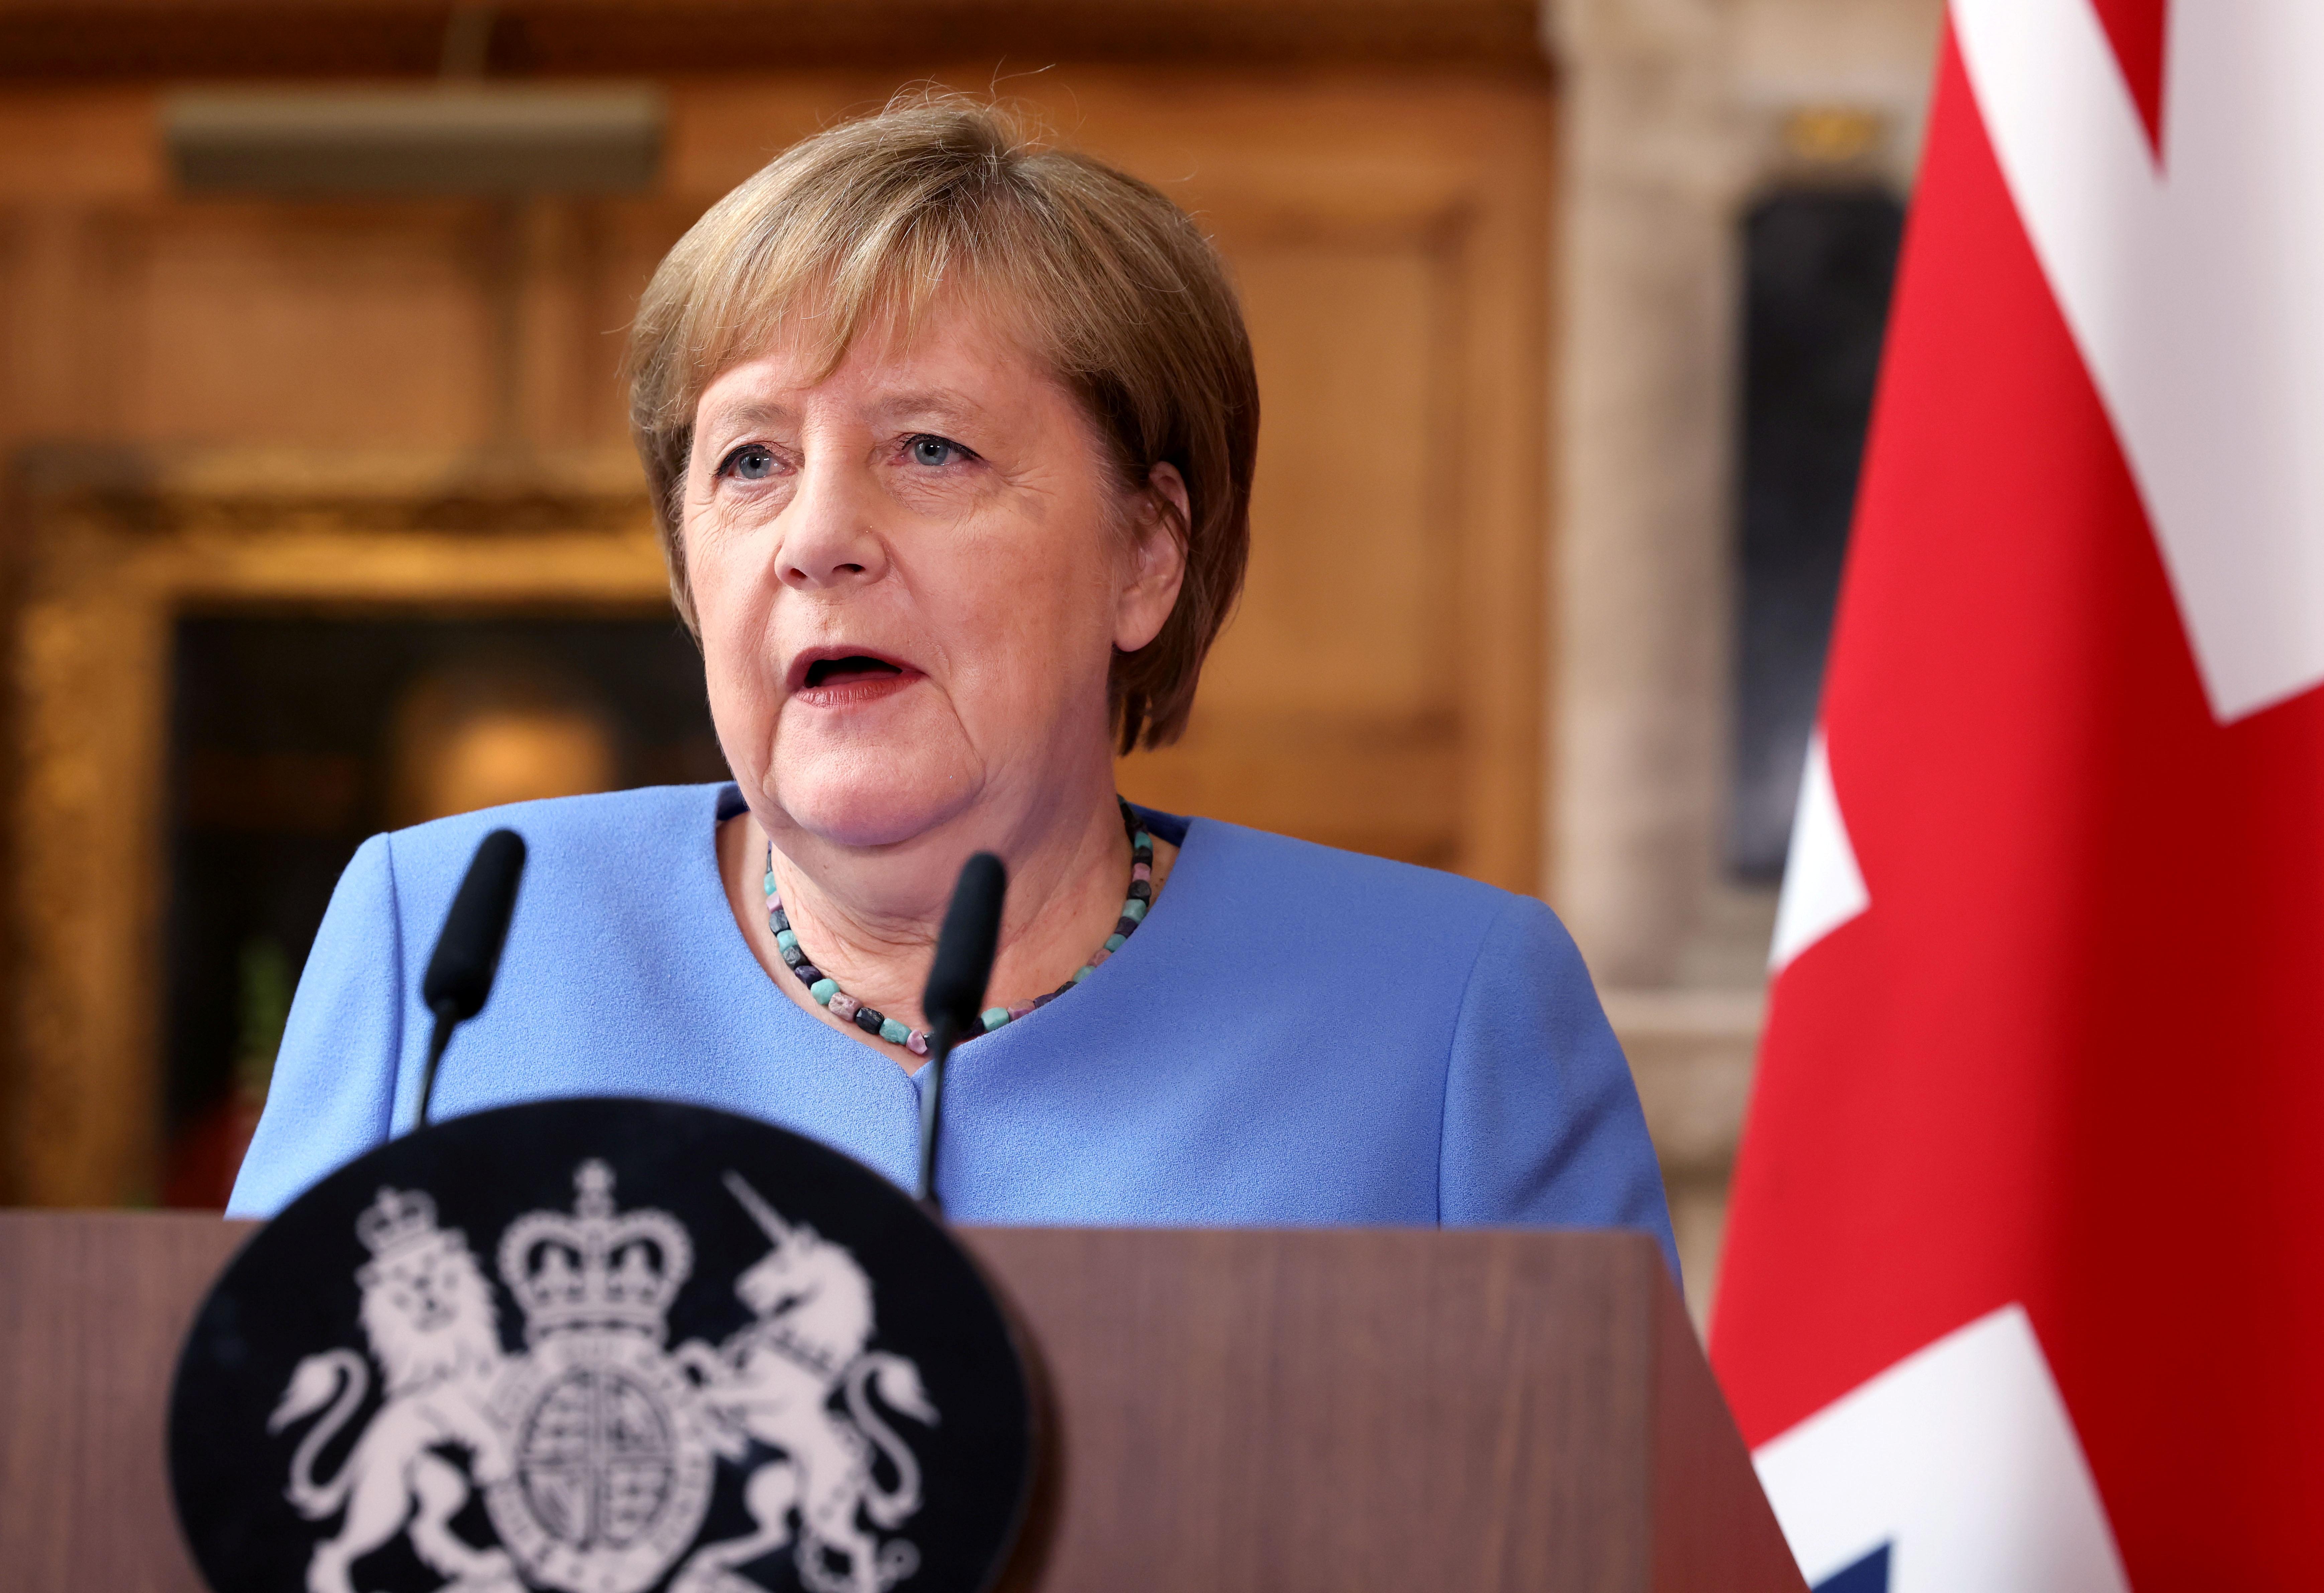 La cancellera alemanya Angela Merkel assisteix a una conferència de premsa conjunta amb el primer ministre britànic Boris Johnson a Checkers, la residència oficial del primer ministre, a Buckinghamshire, Gran Bretanya, el 2 de juliol de 2021. Jonathan Buckmaster / Pool a través de REUTERS